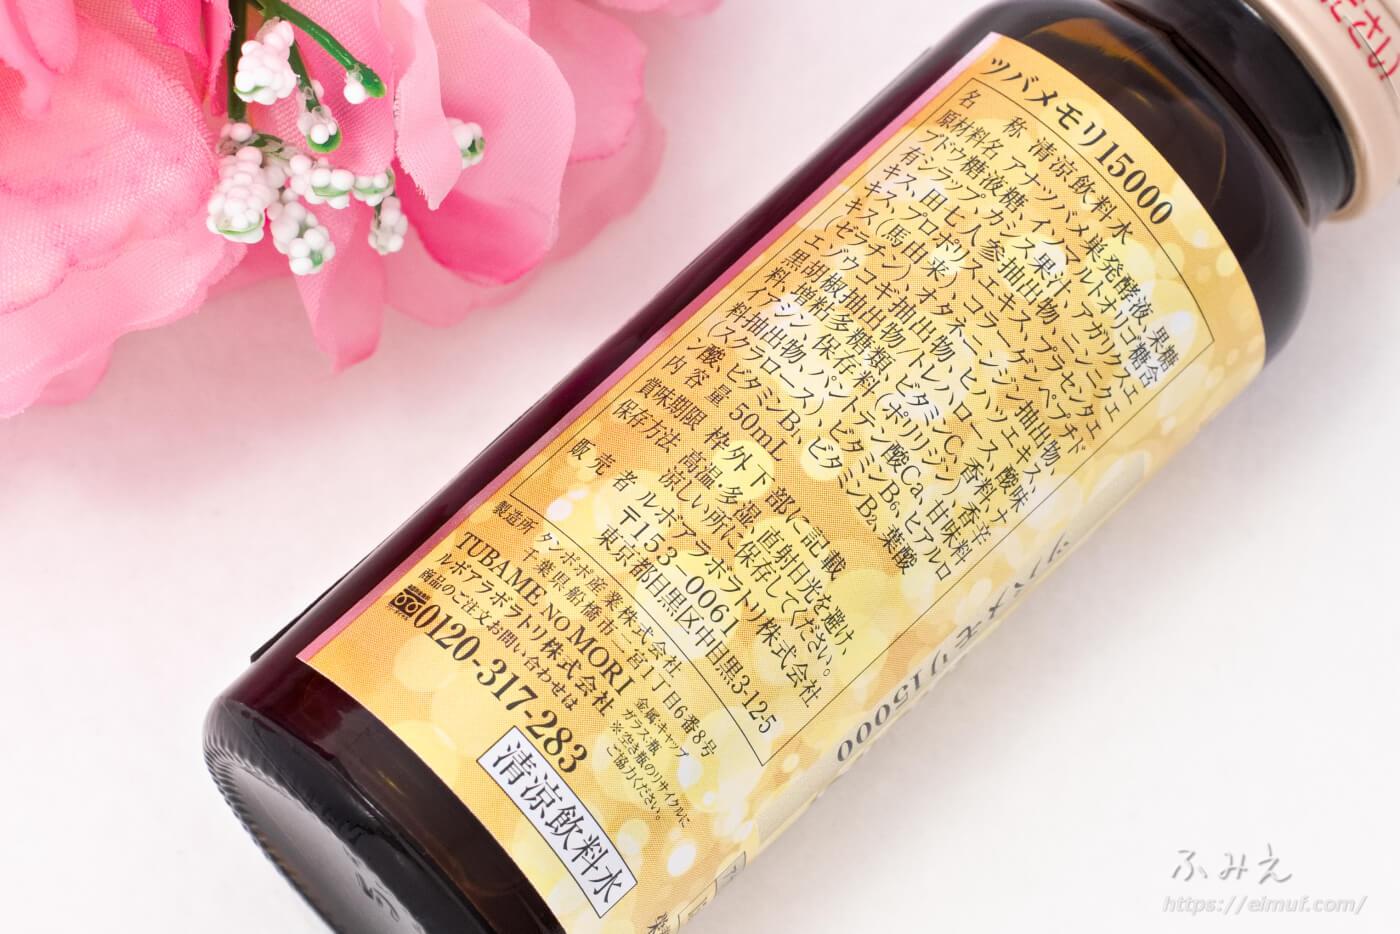 つばめのもり ツバメモリ15000 50ml入り瓶 原材料が書いてある側面